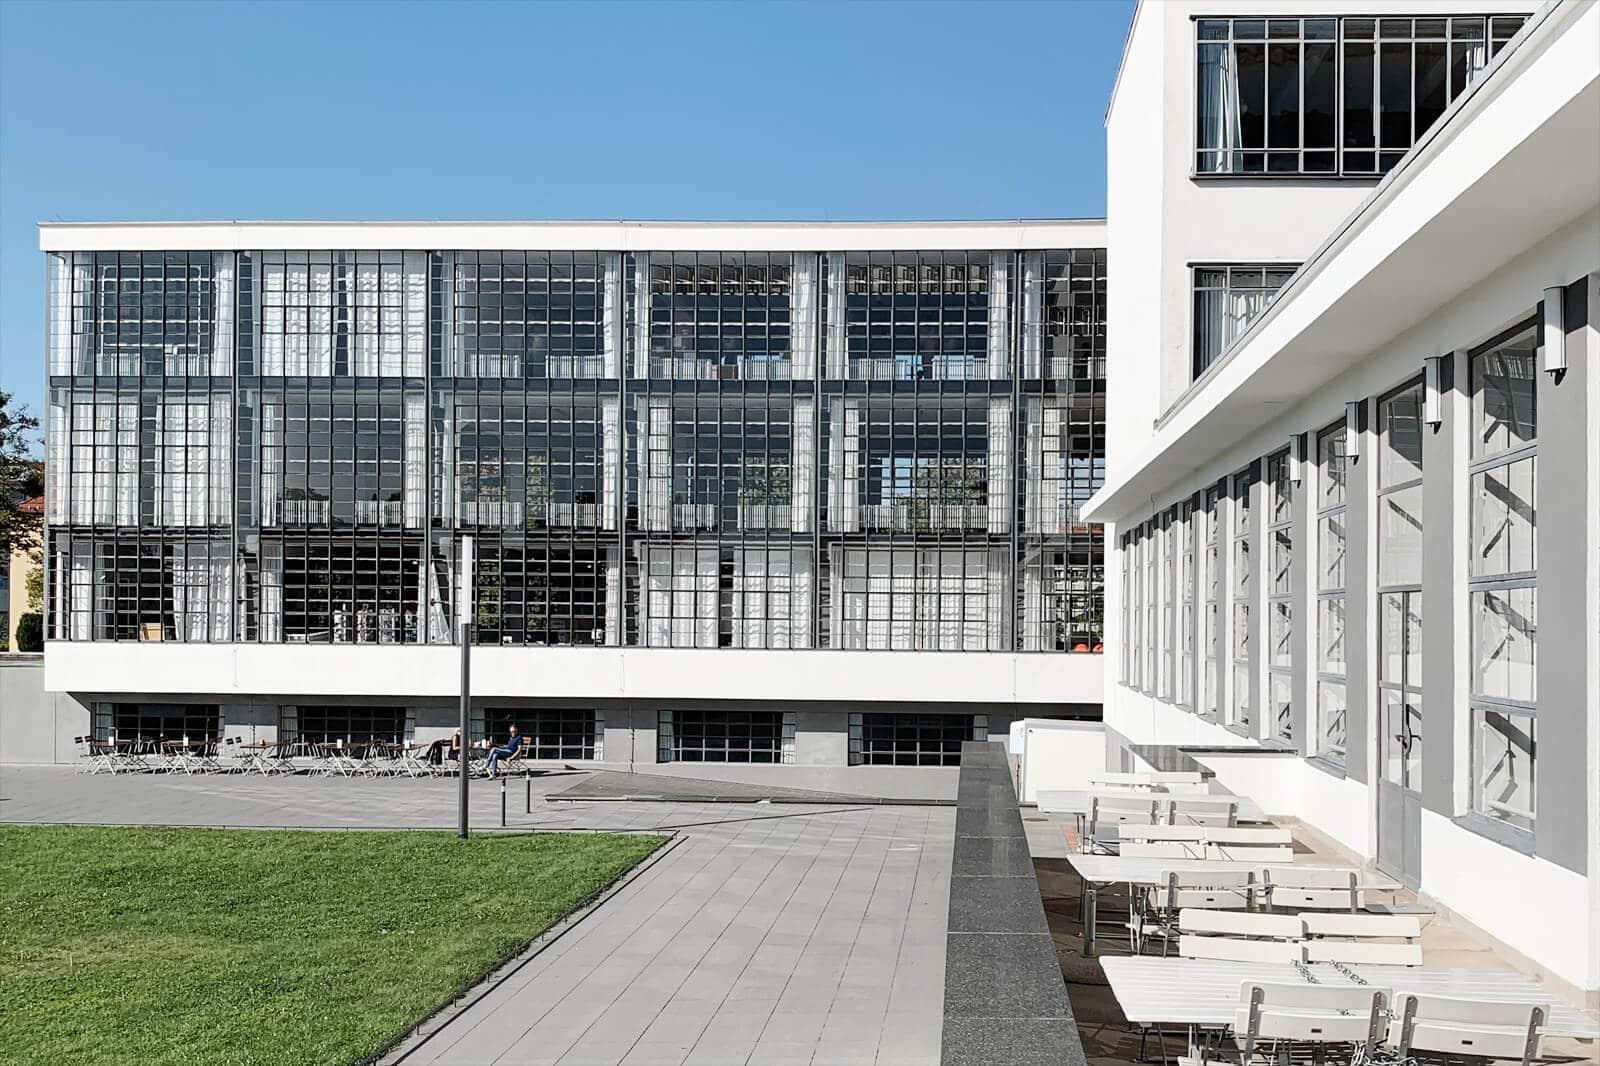 Bauhaus Dessau - Loft Design aus Stahl, Beton und Glas